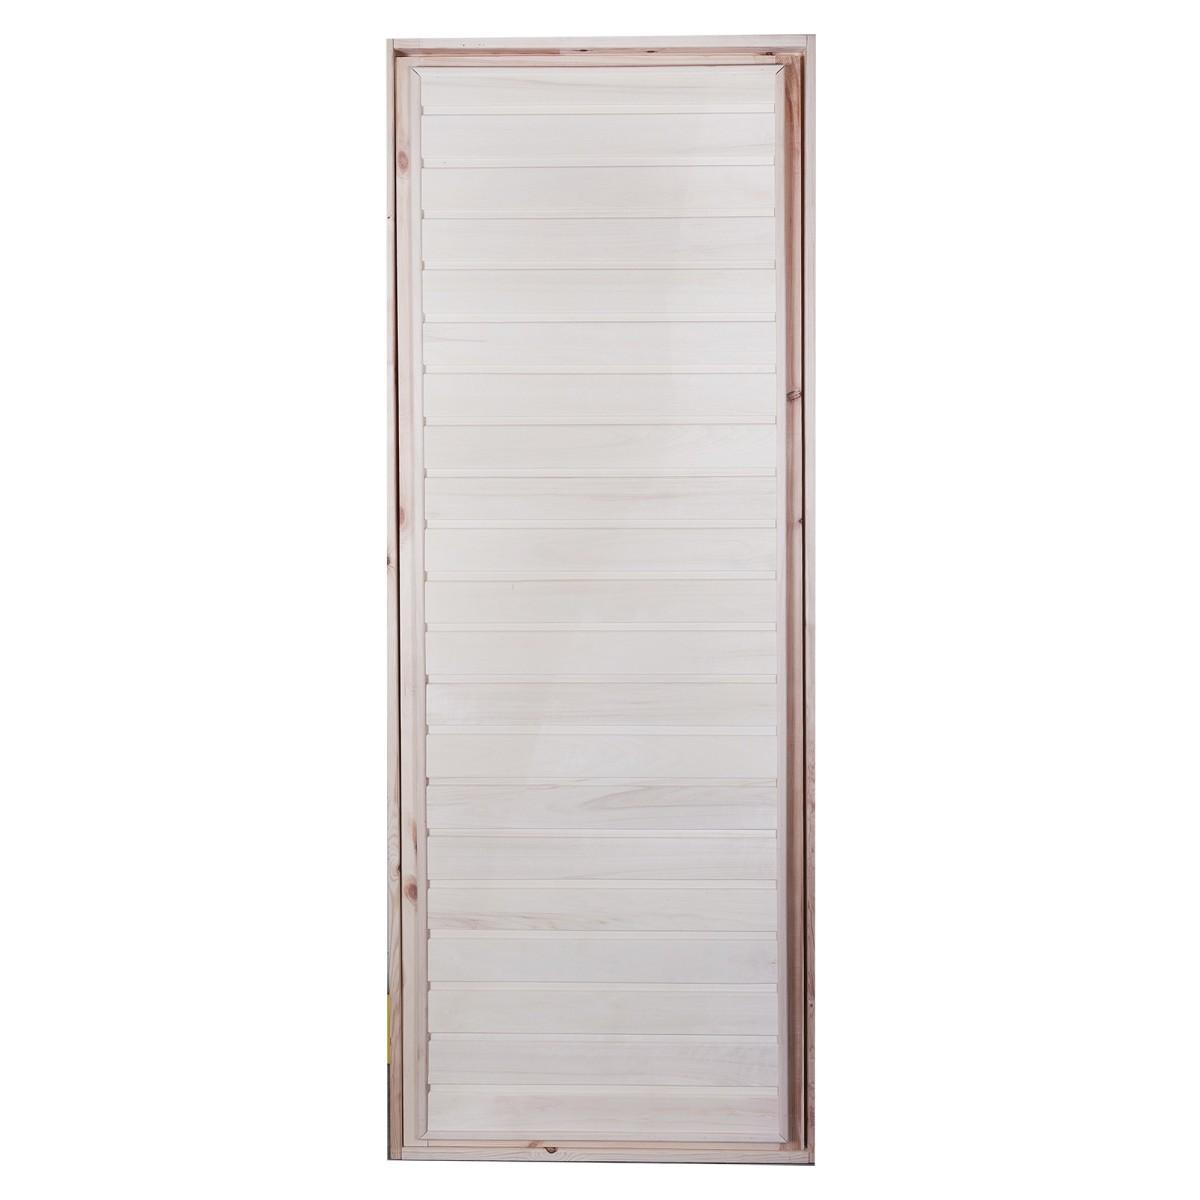 Дверь межкомнатная 50x700х1900 мм осина